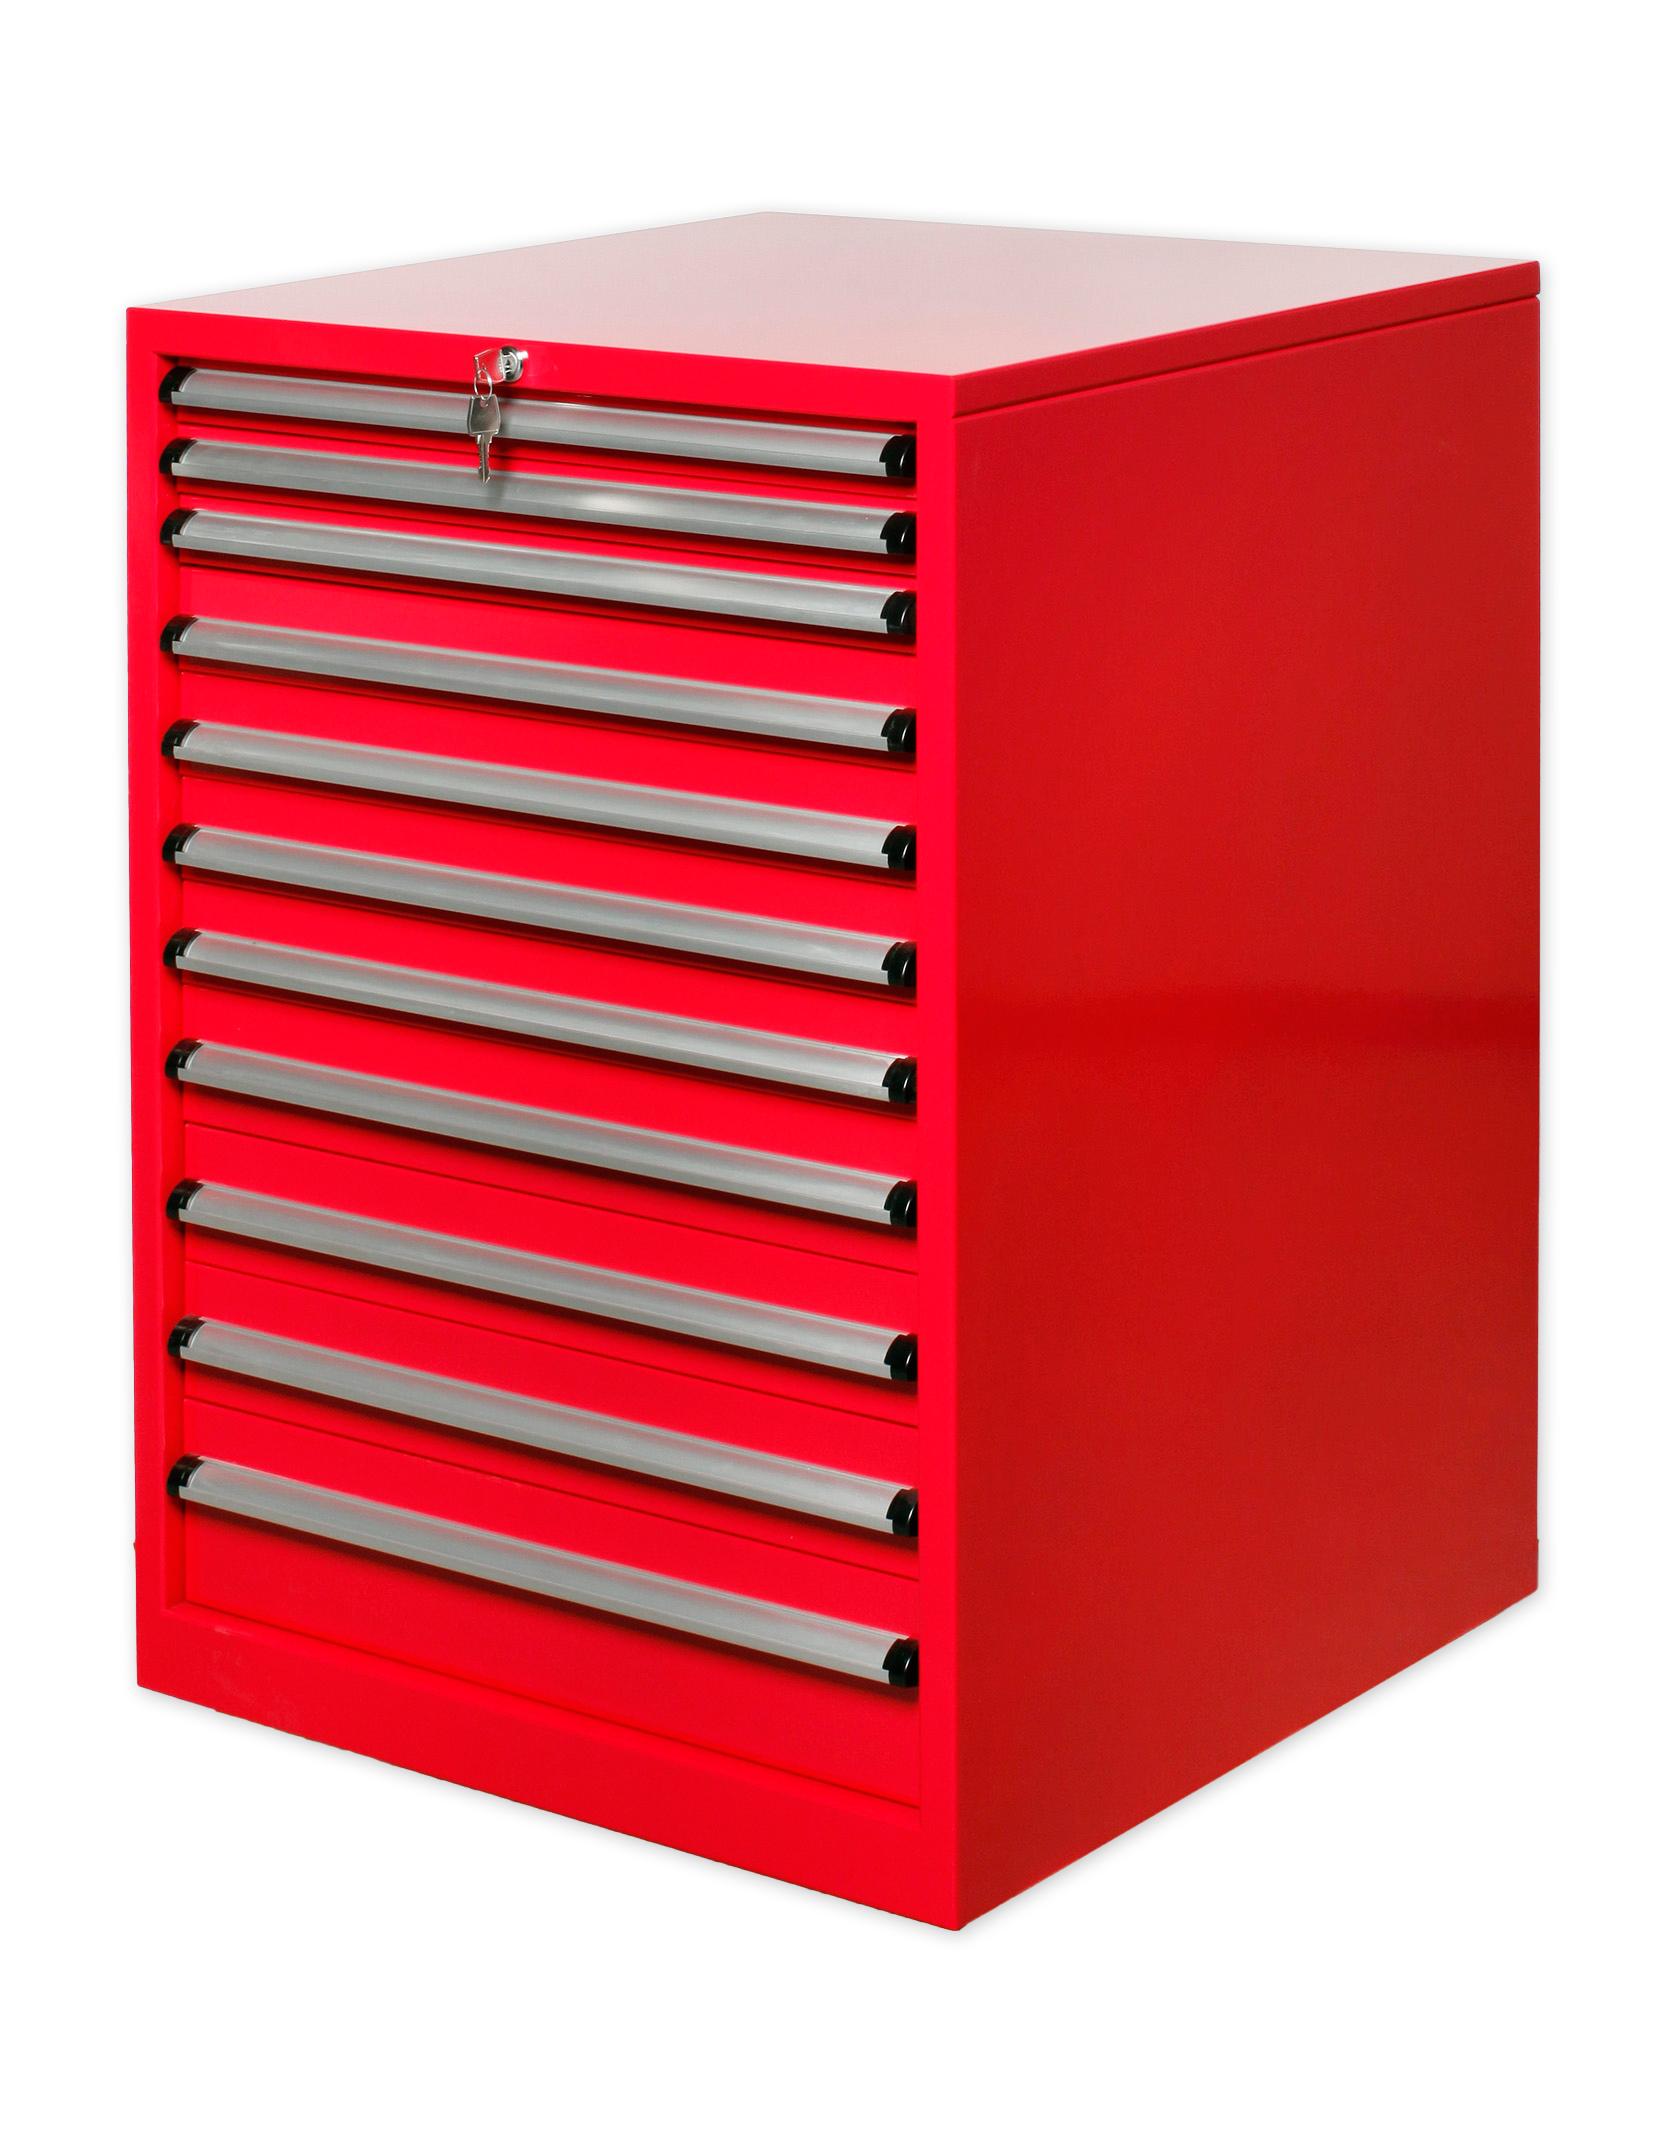 Cassettiere archivi carpenteria mobili per officina for Mobili officina